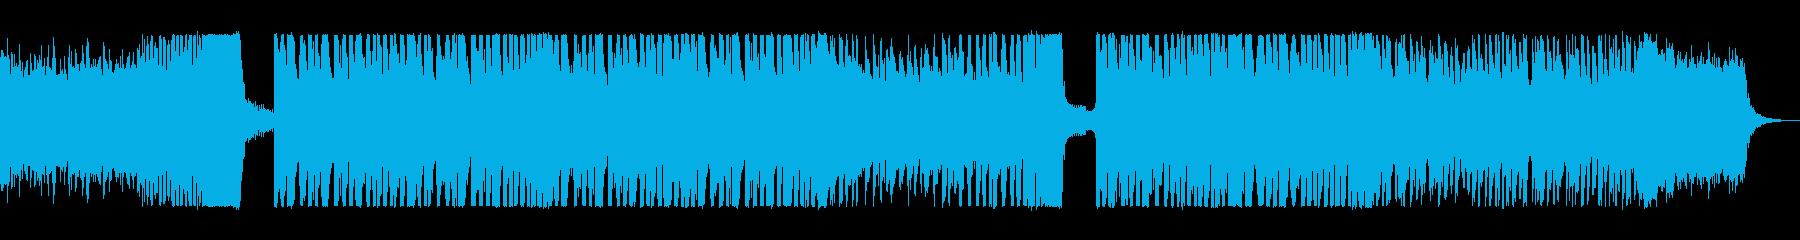 疾走感溢れるアップテンポなシンセポップの再生済みの波形